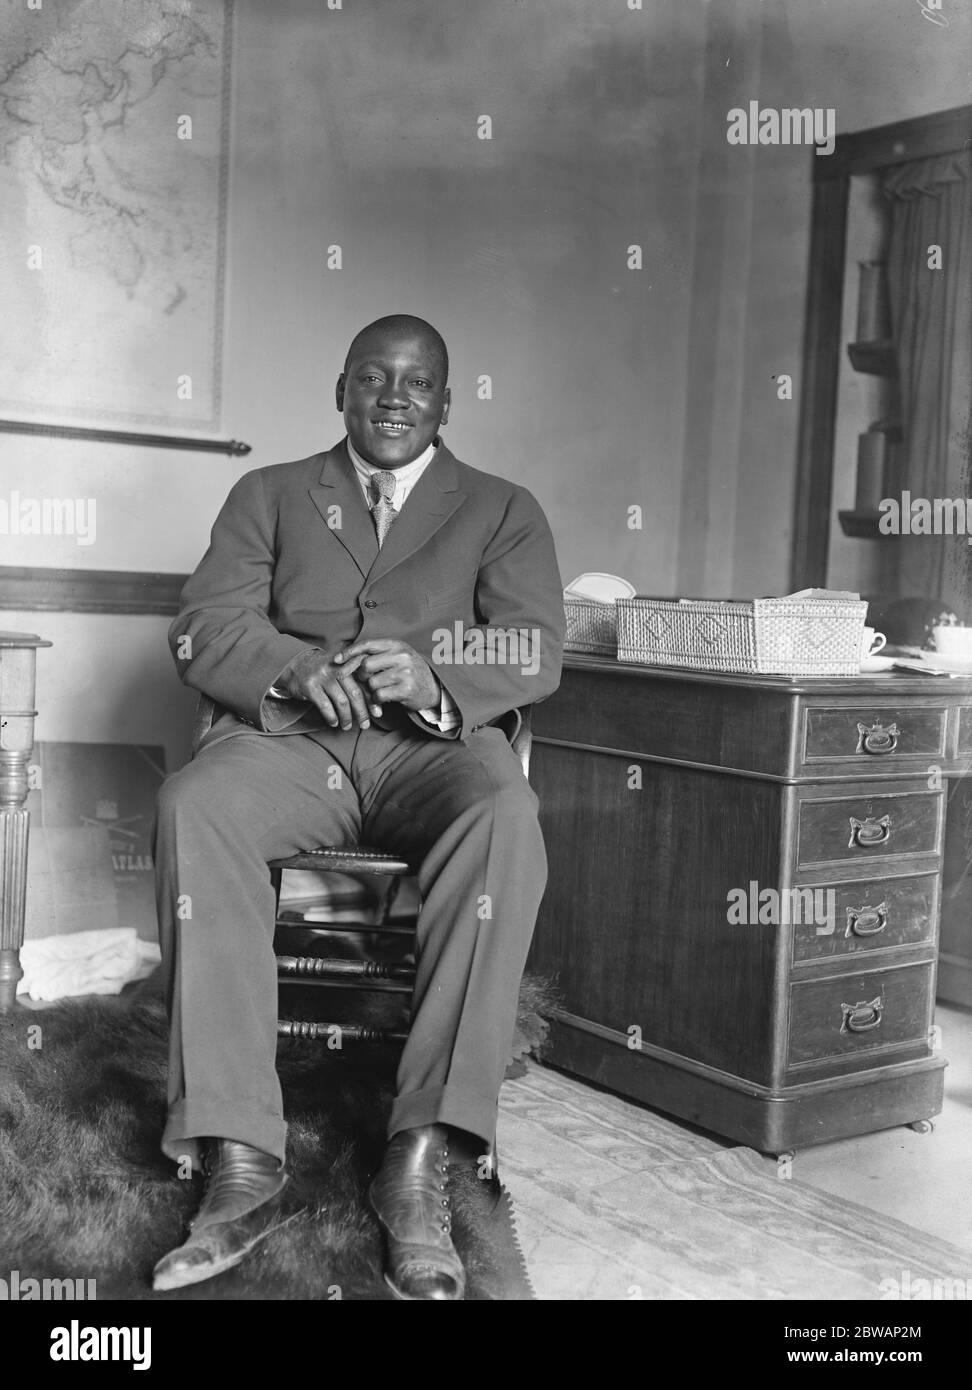 Jack Johnson . John Arthur ( Jack ) Johnson ( Marzo 31 1878 Ð Junio 10 1946 ), apodado el Ò Galveston Giant, Ó fue un boxeador estadounidense. En el apogeo de la era Jim Crow, Johnson se convirtió en el primer campeón mundial de peso pesado de África ( 1908Ð1915 ). Foto de stock